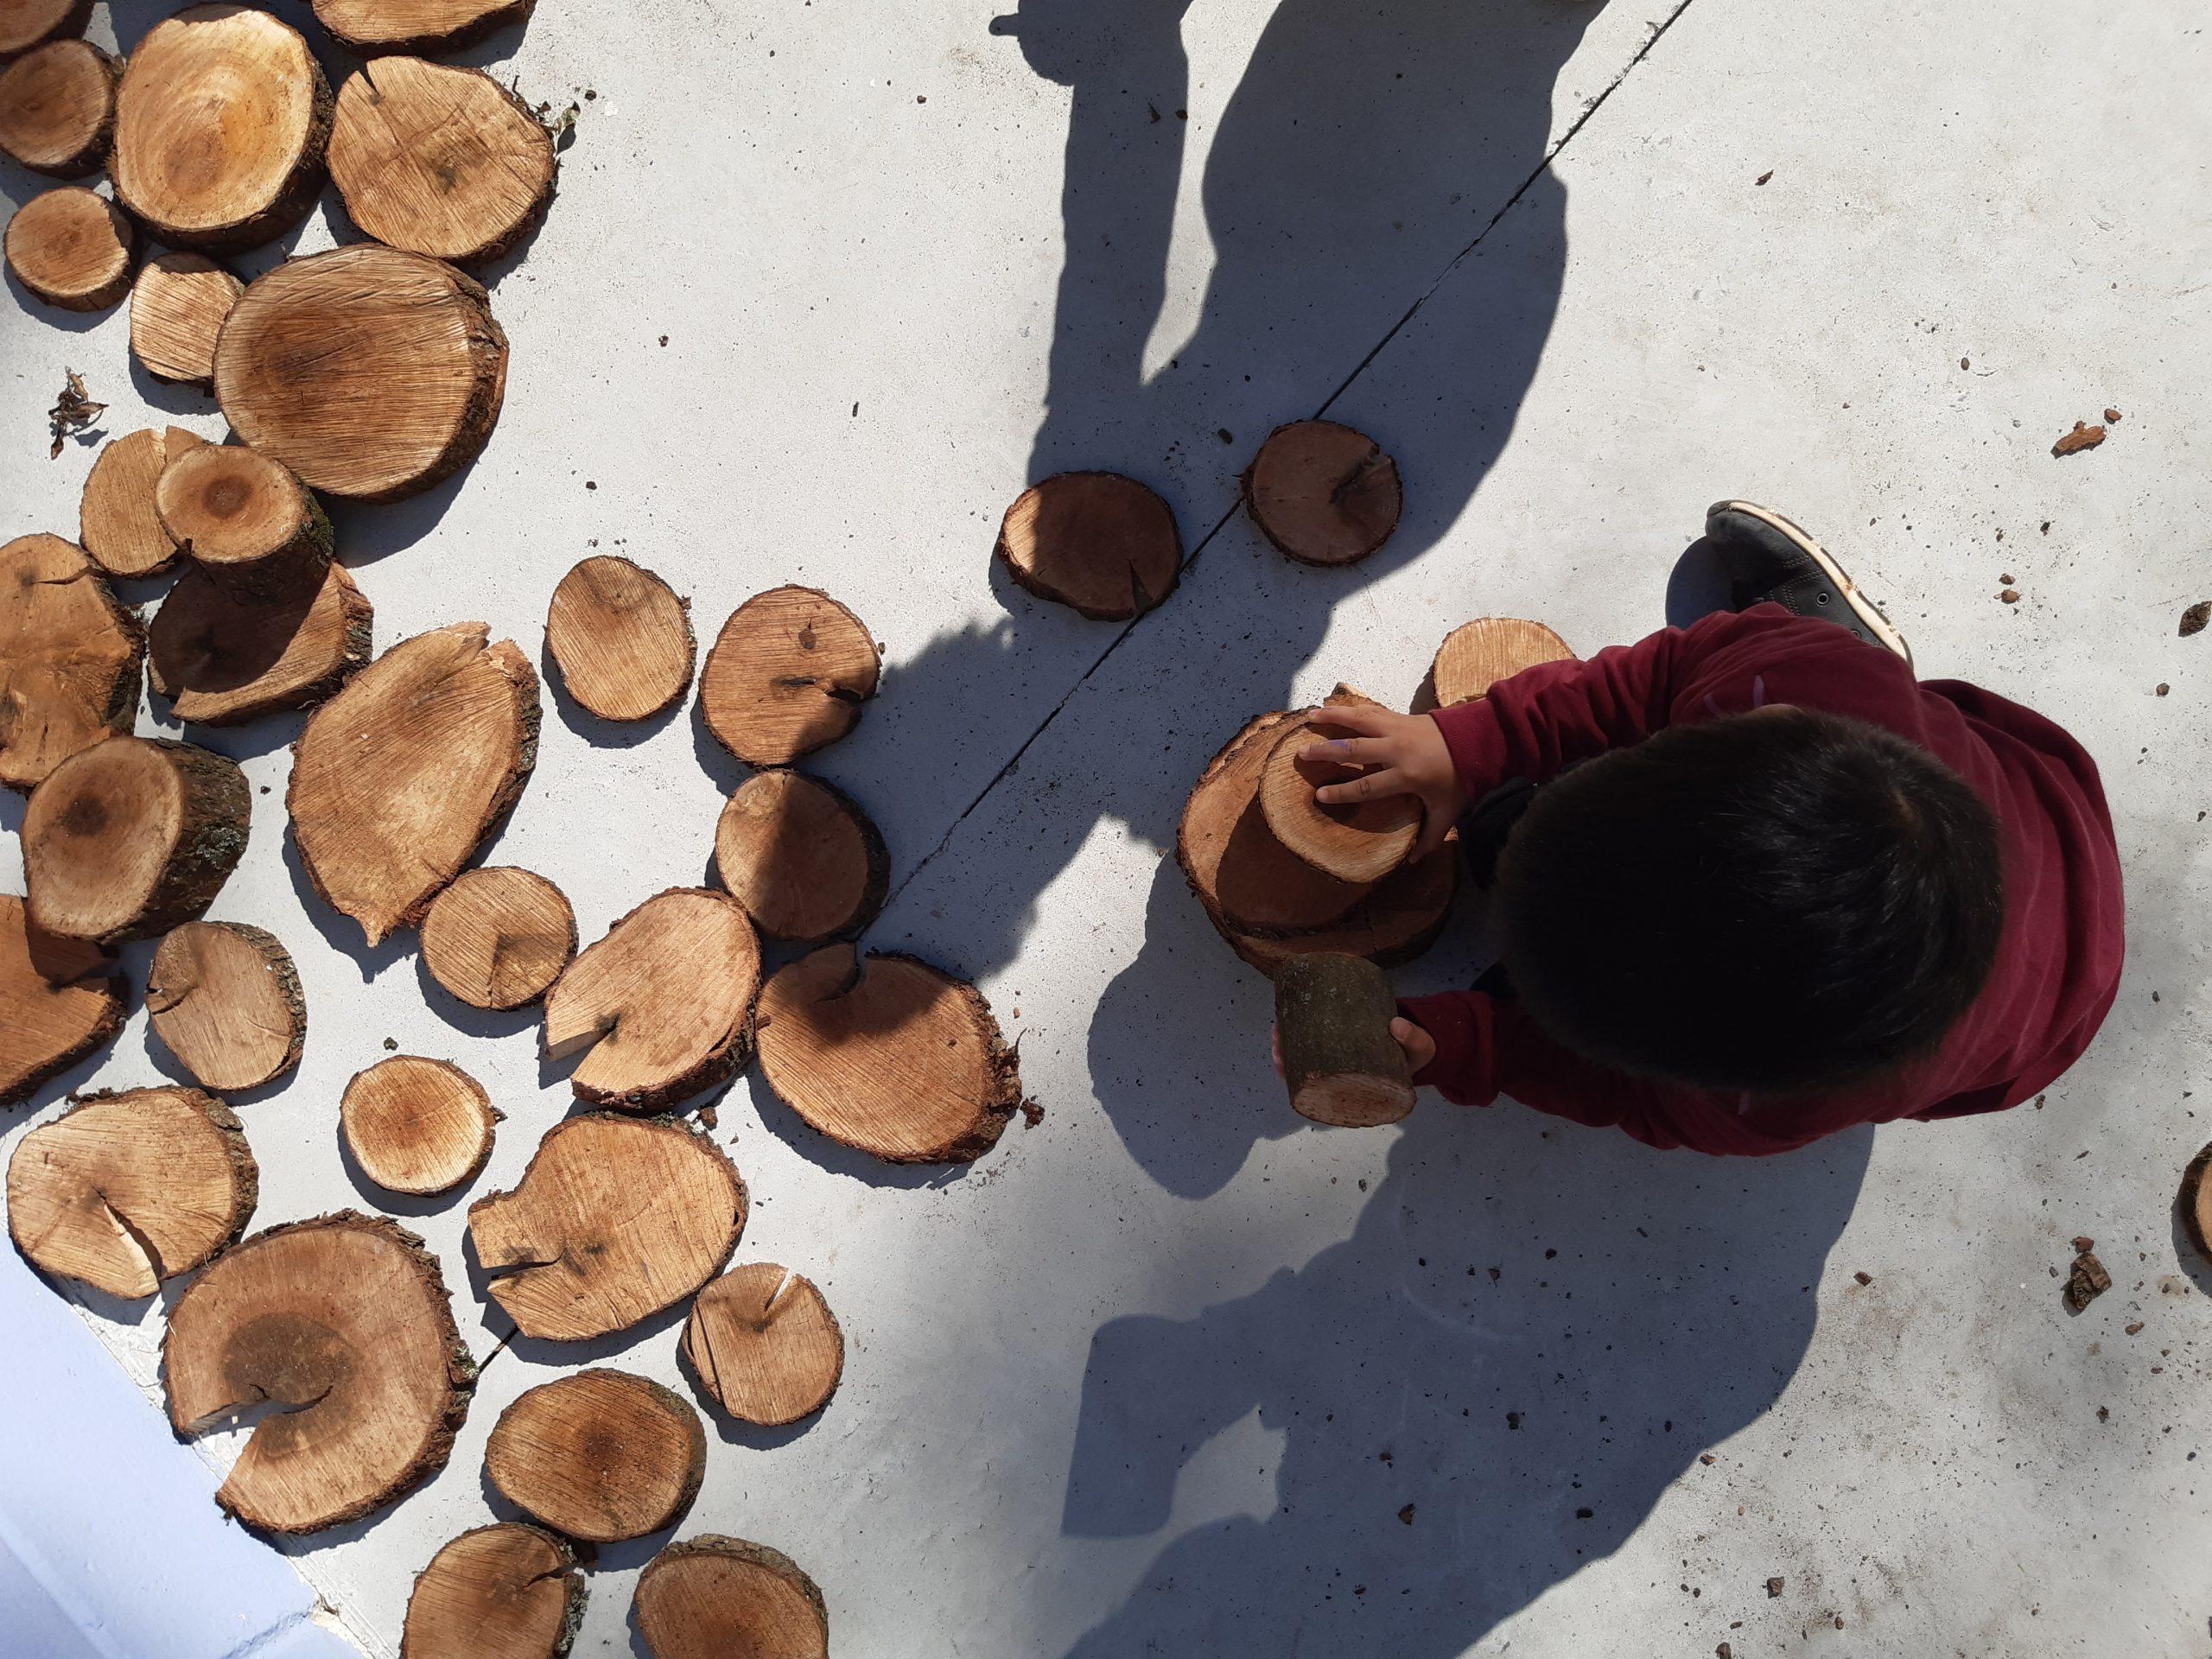 Criança, vista de cima, brinca com pedaços de madeira cortados em forma circular.